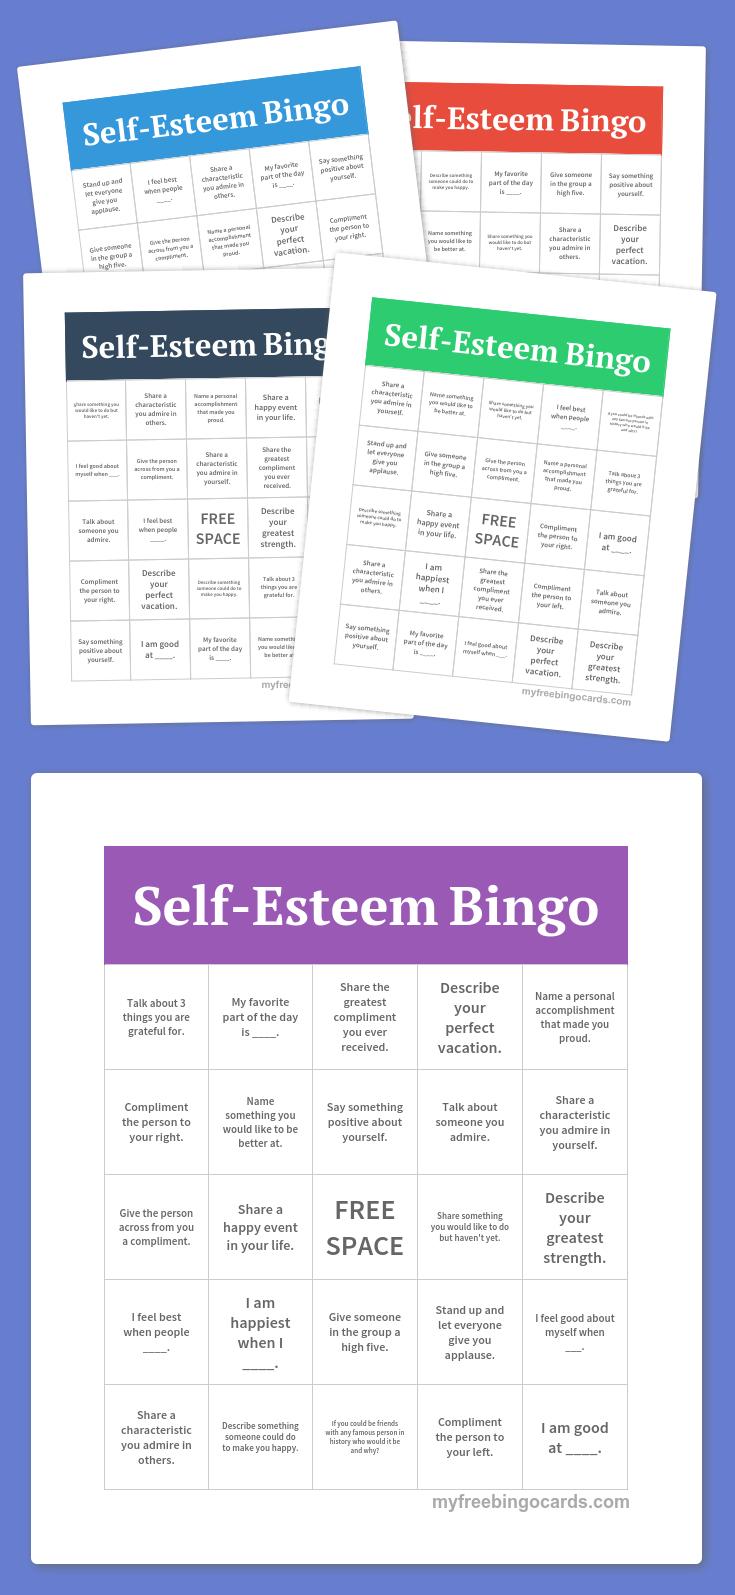 Self-Esteem Bingo | Group Ideas | Free Bingo Cards, Free Printable - Free Printable Self Esteem Bingo